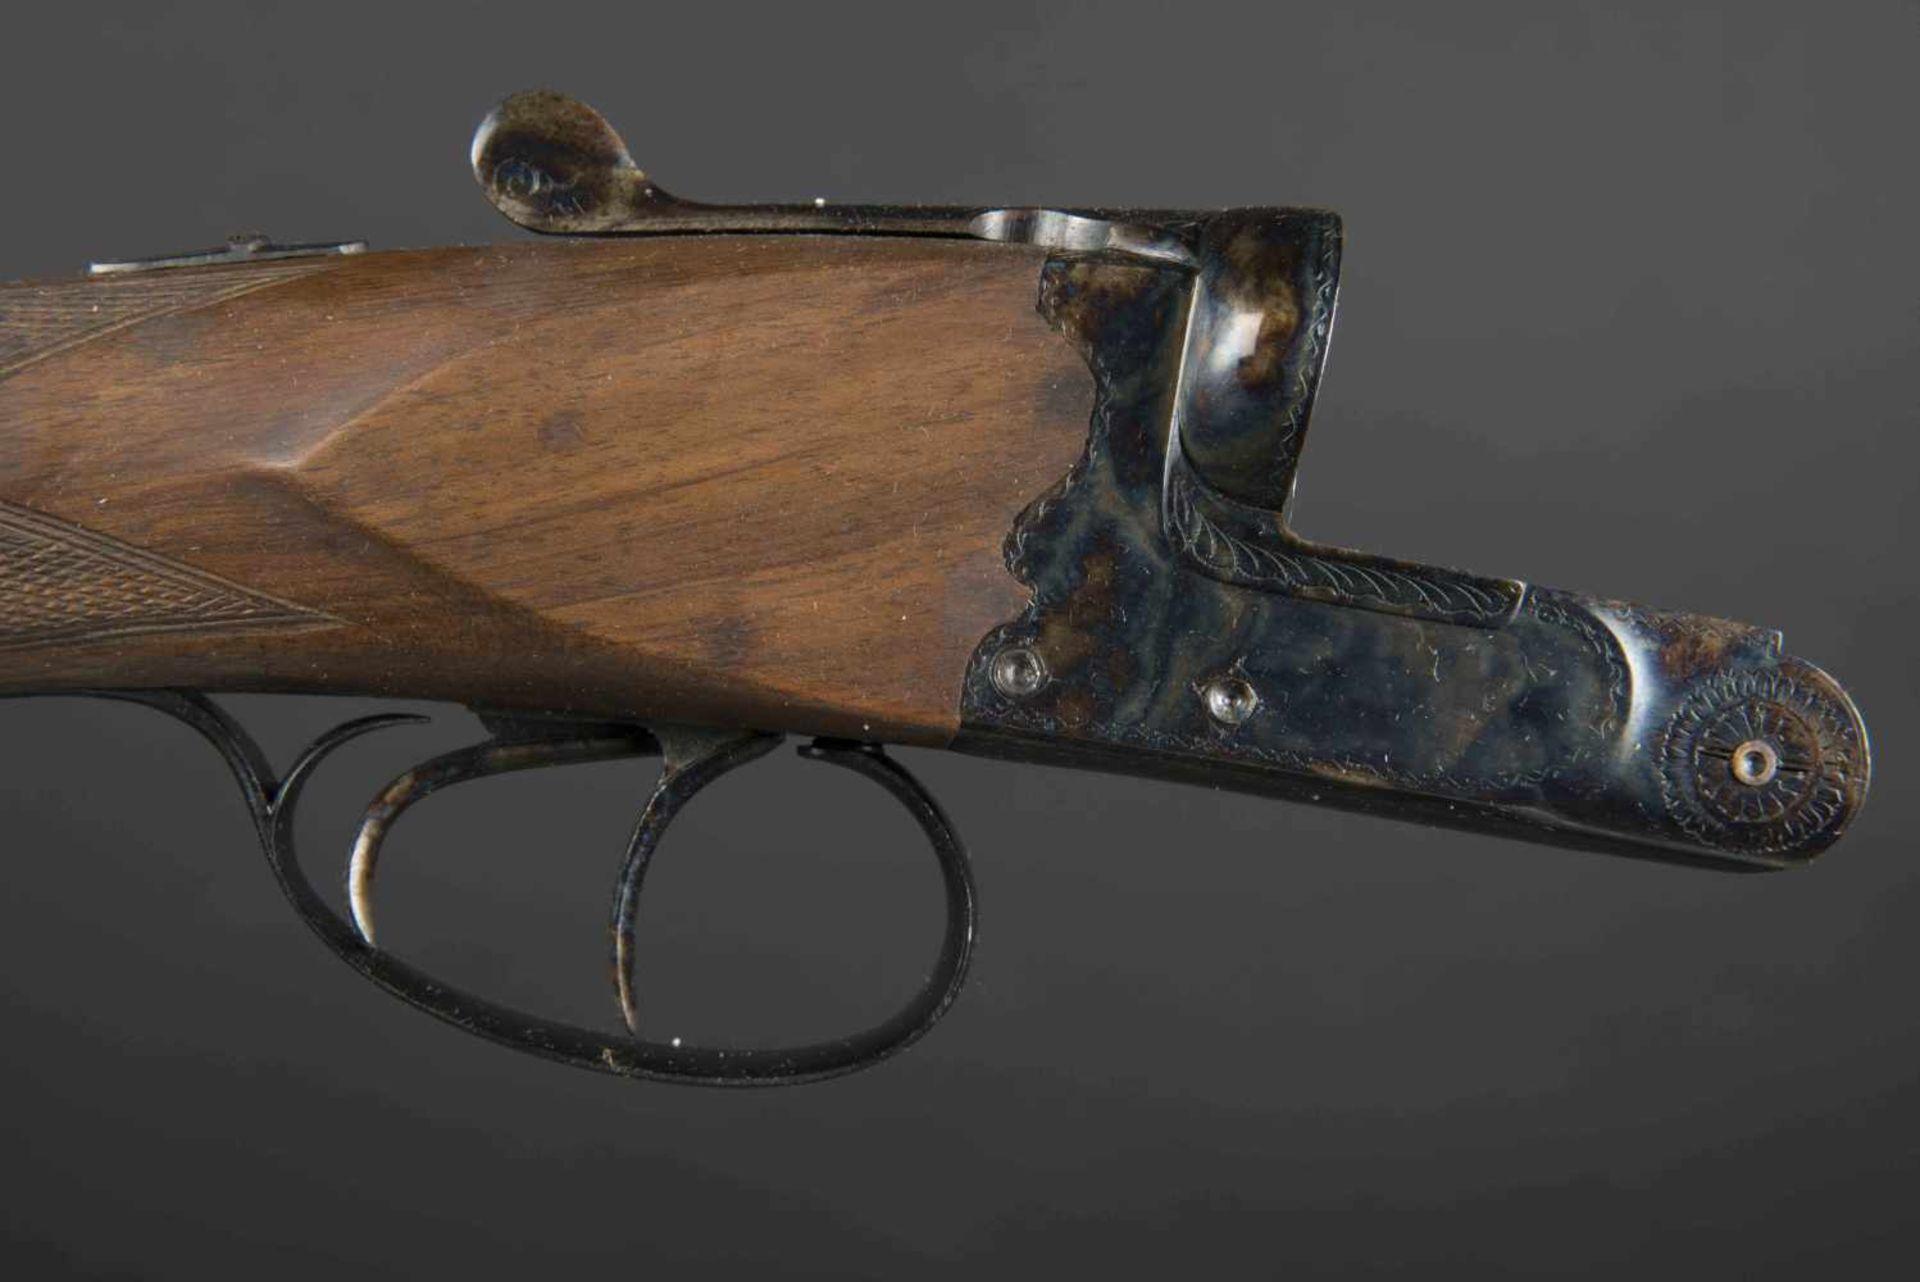 Fusil juxtaposé modèle artisanal Catégorie C Calibre 12, numéro M1374, certificat du Banc d' - Bild 2 aus 3